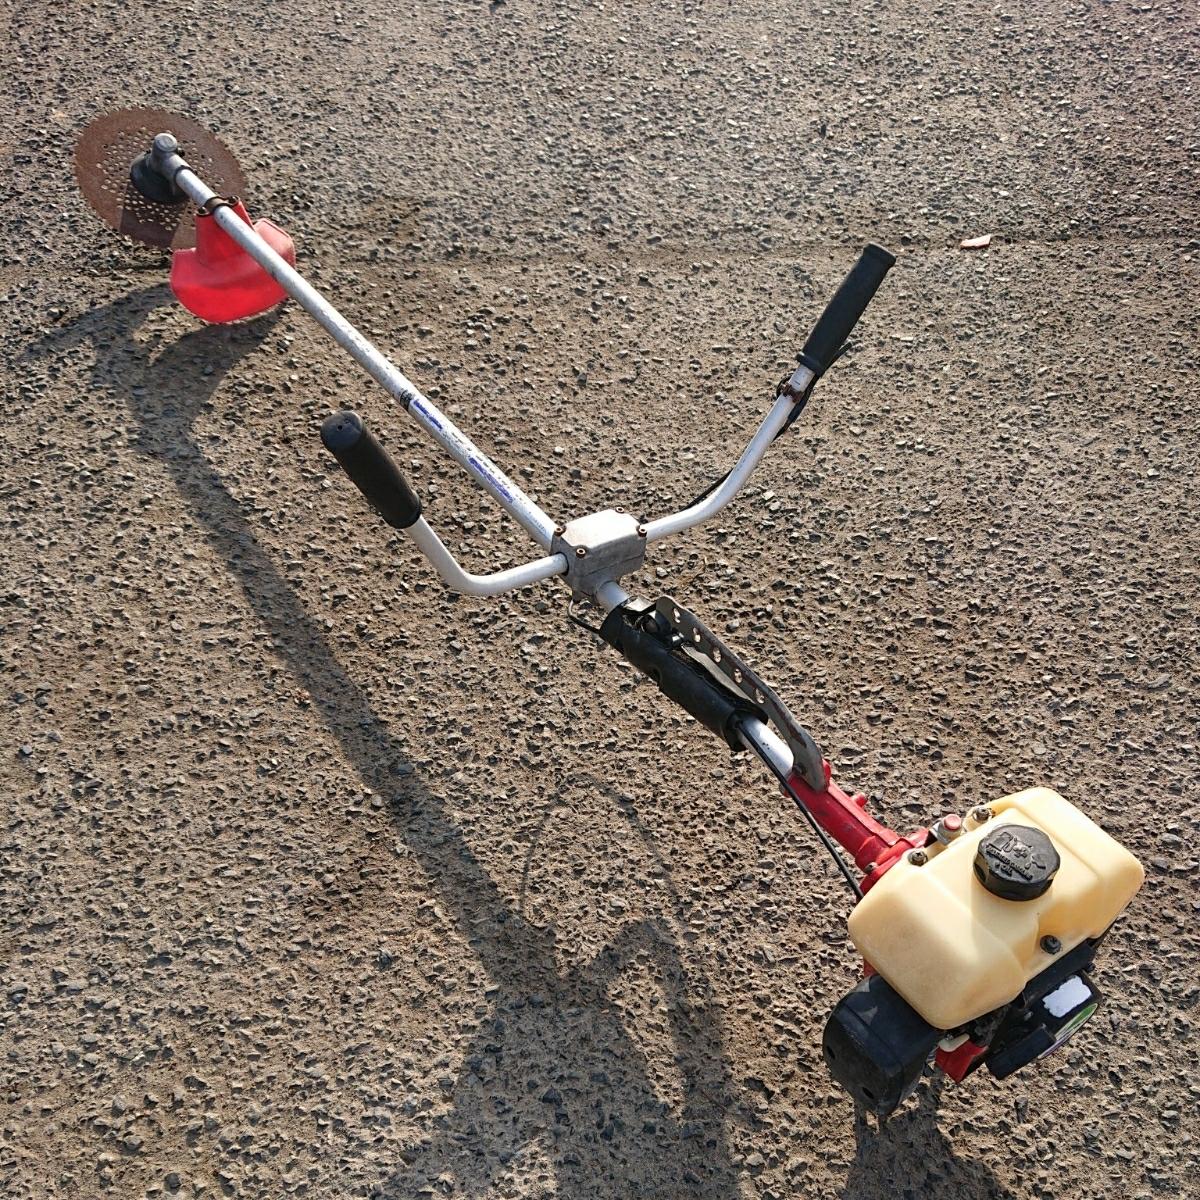 ほぼ現行モデル ゼノア BC340FWP 34cc 草刈り機 山林 造園 プロ向け 刈払い機 刈払機 草刈機 草刈り機 刈り払い機 ツノハンドル Uハンドル